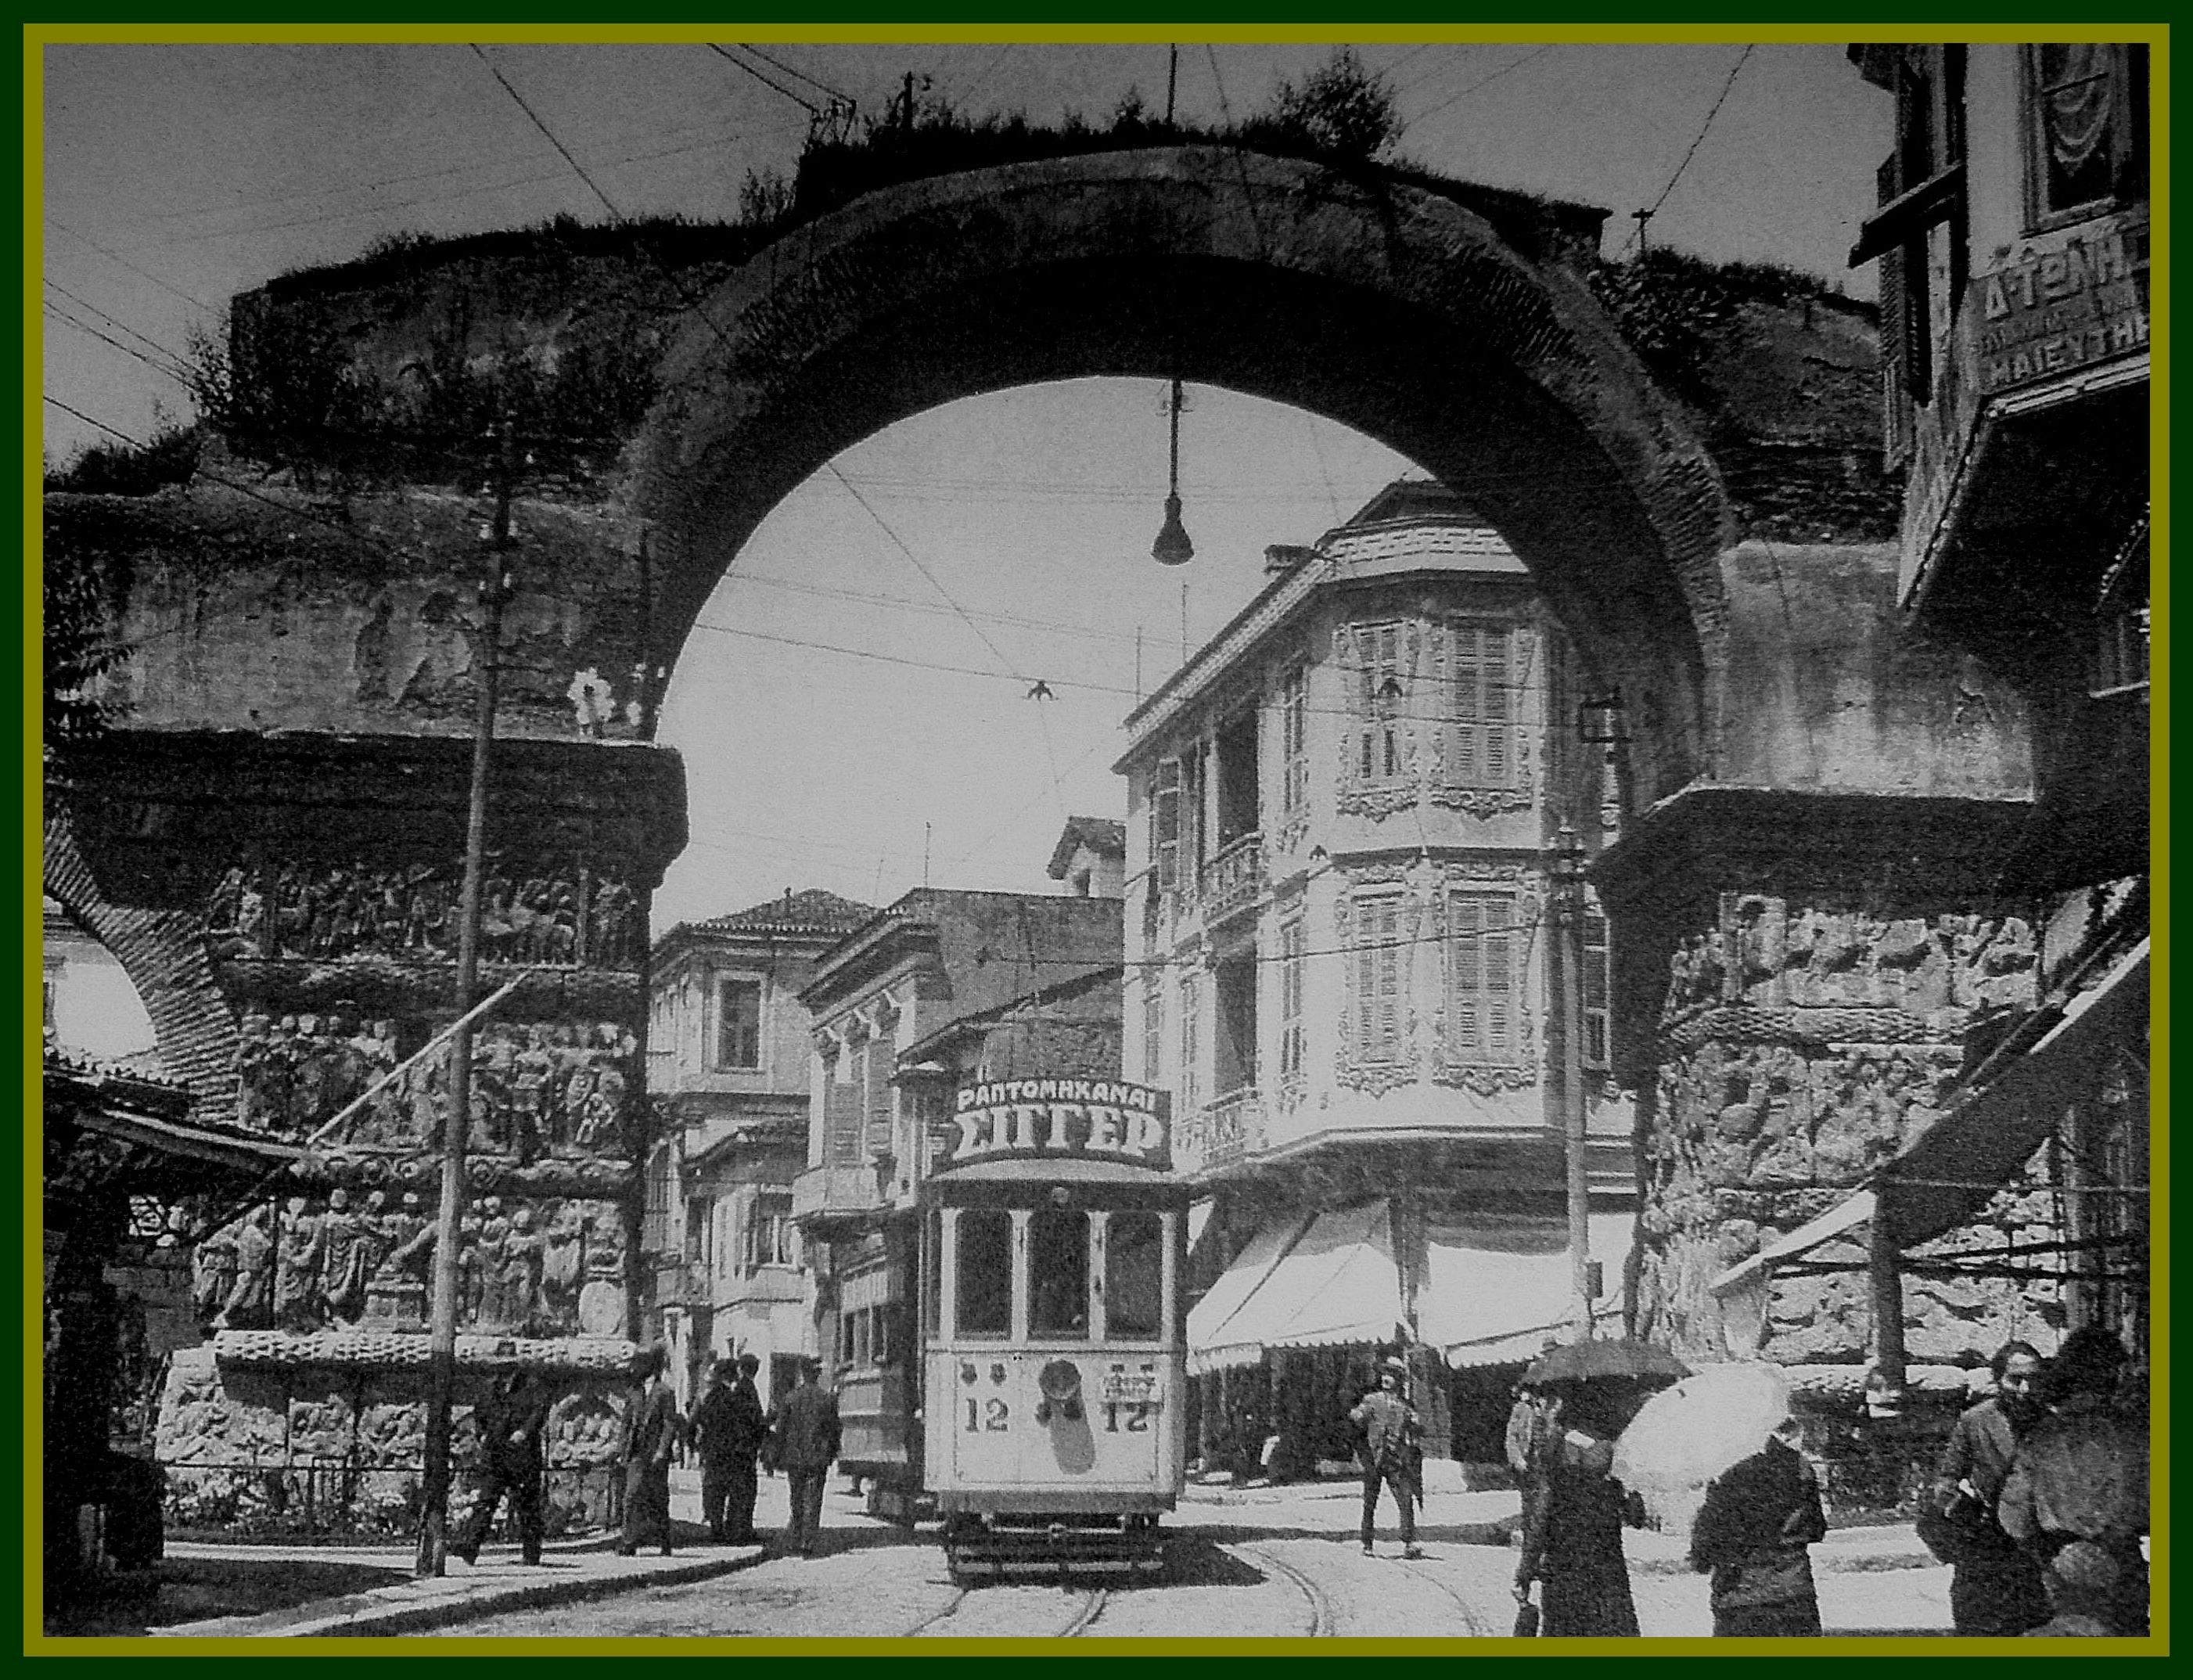 Arch of Galerius in 1930